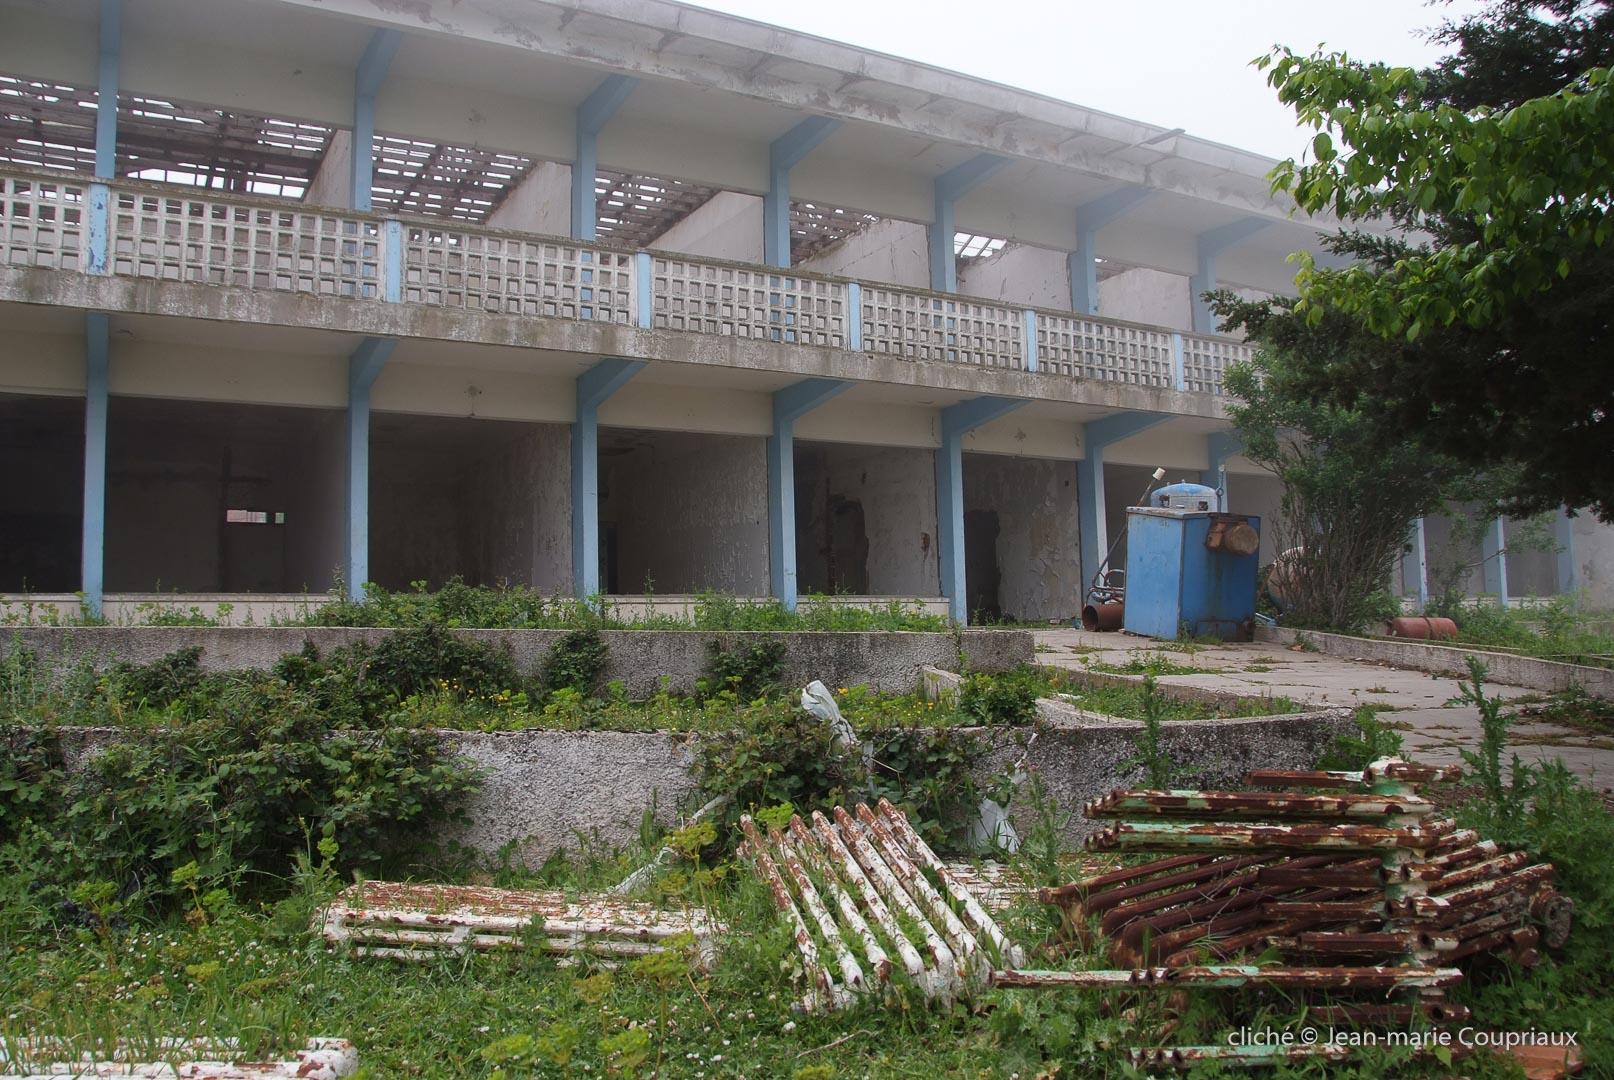 802-2011_Algerie-1322